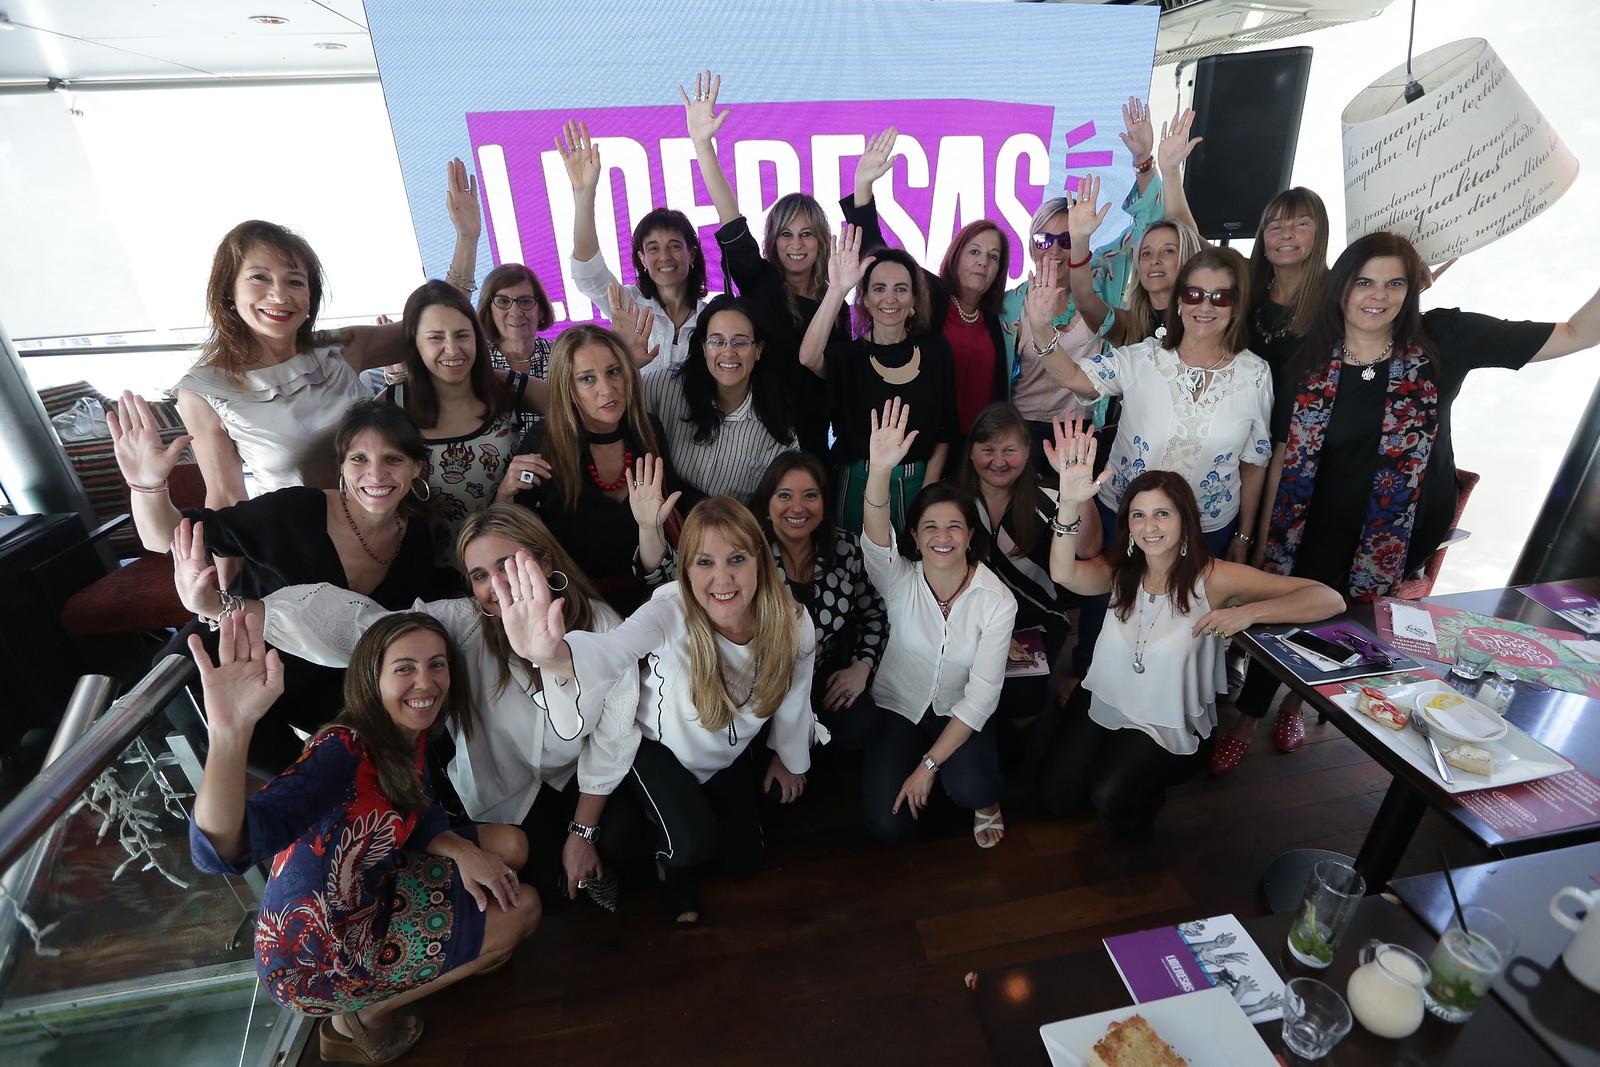 Lideresas -  Encuentro con referentes del sector privado